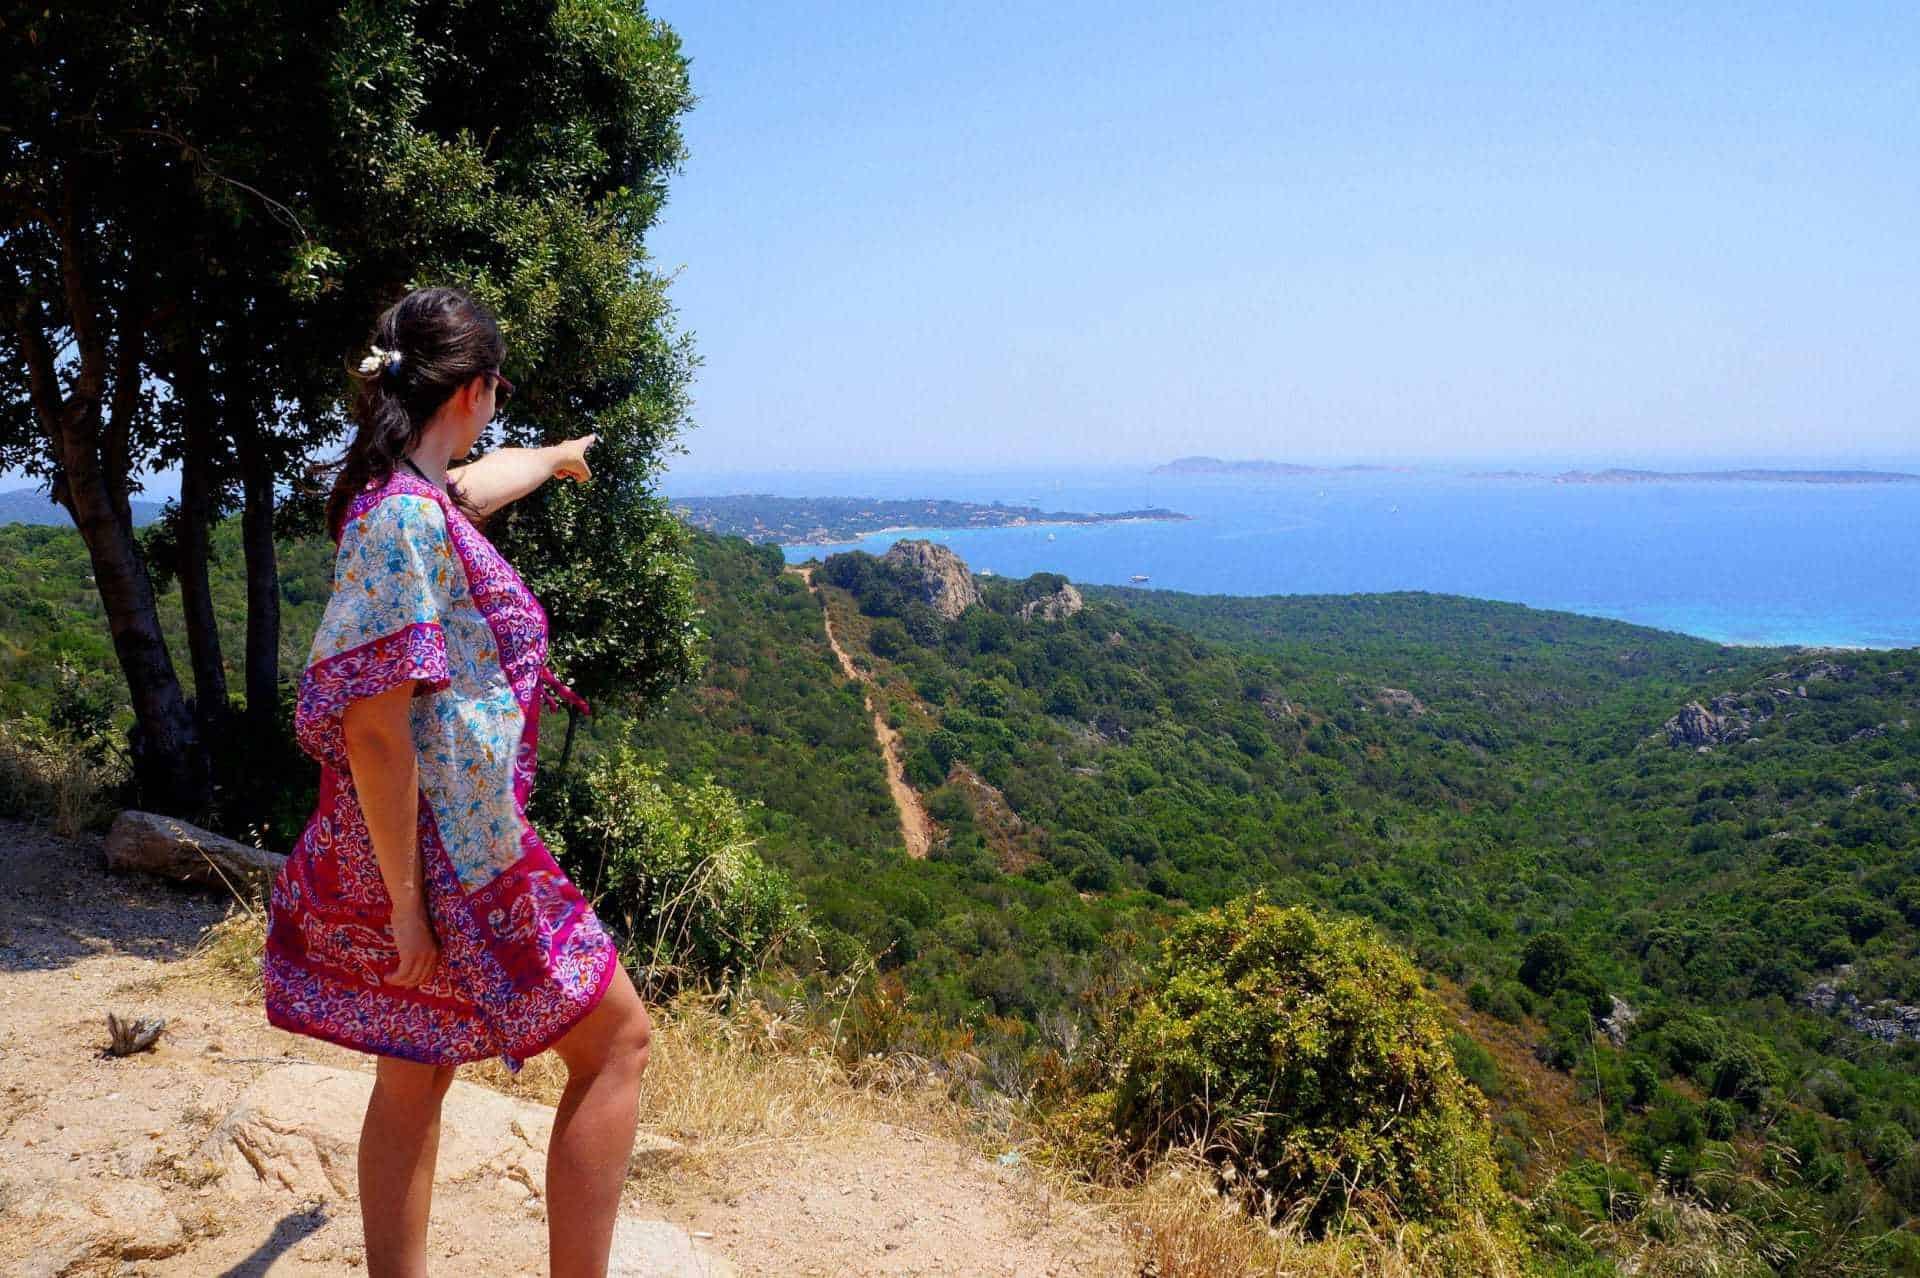 Cosa vedere in Costa Smeralda: 10 posti da visitare da Baja Sardinia a Porto Rotondo